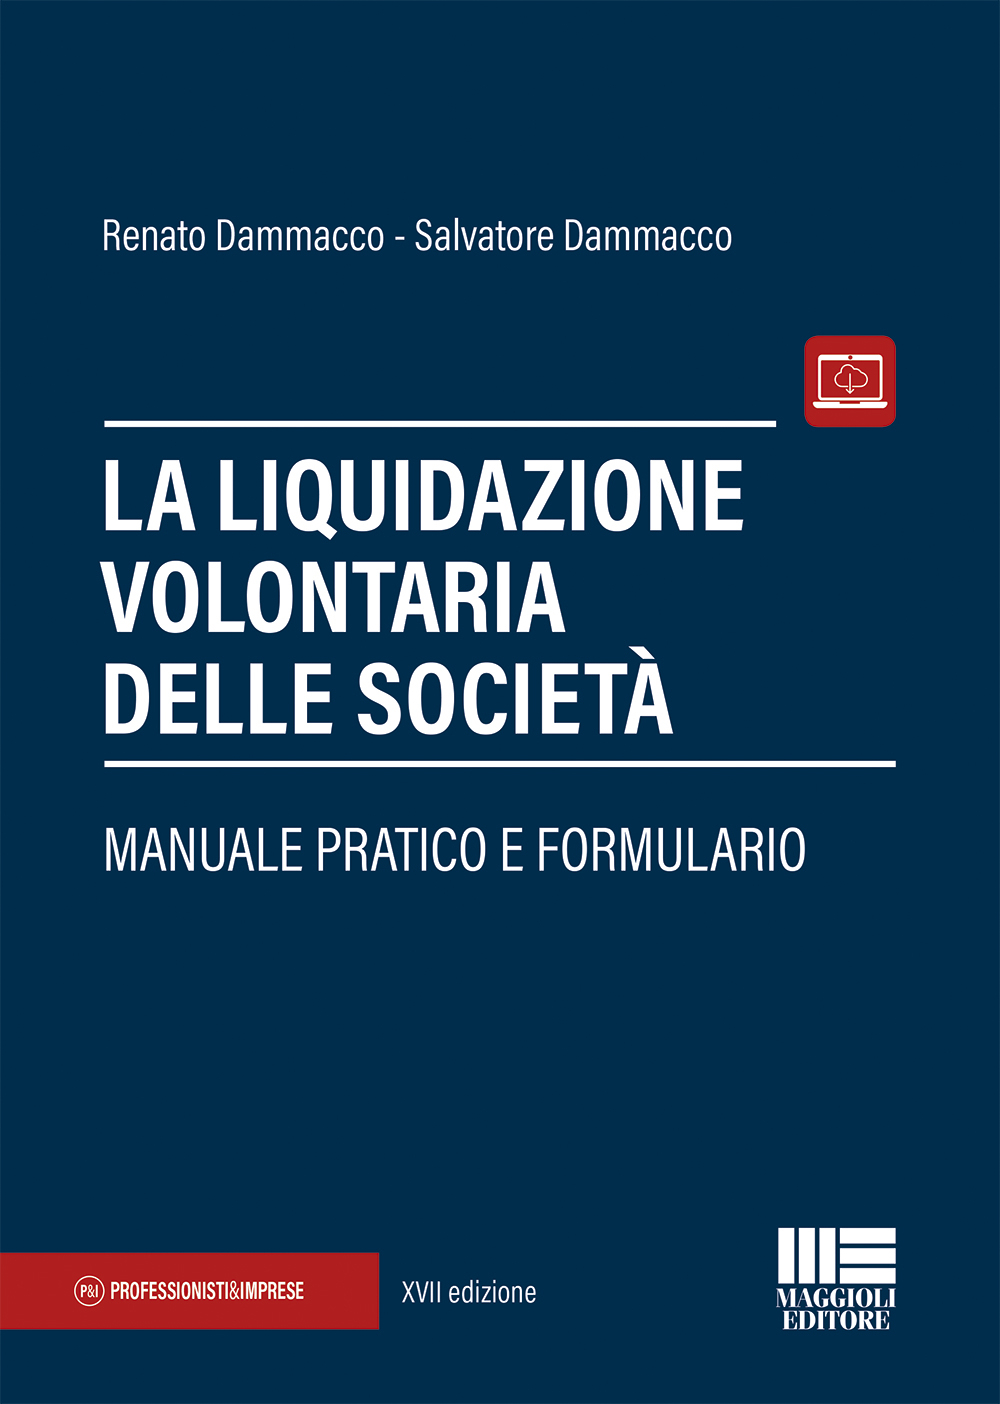 La liquidazione volontaria delle società